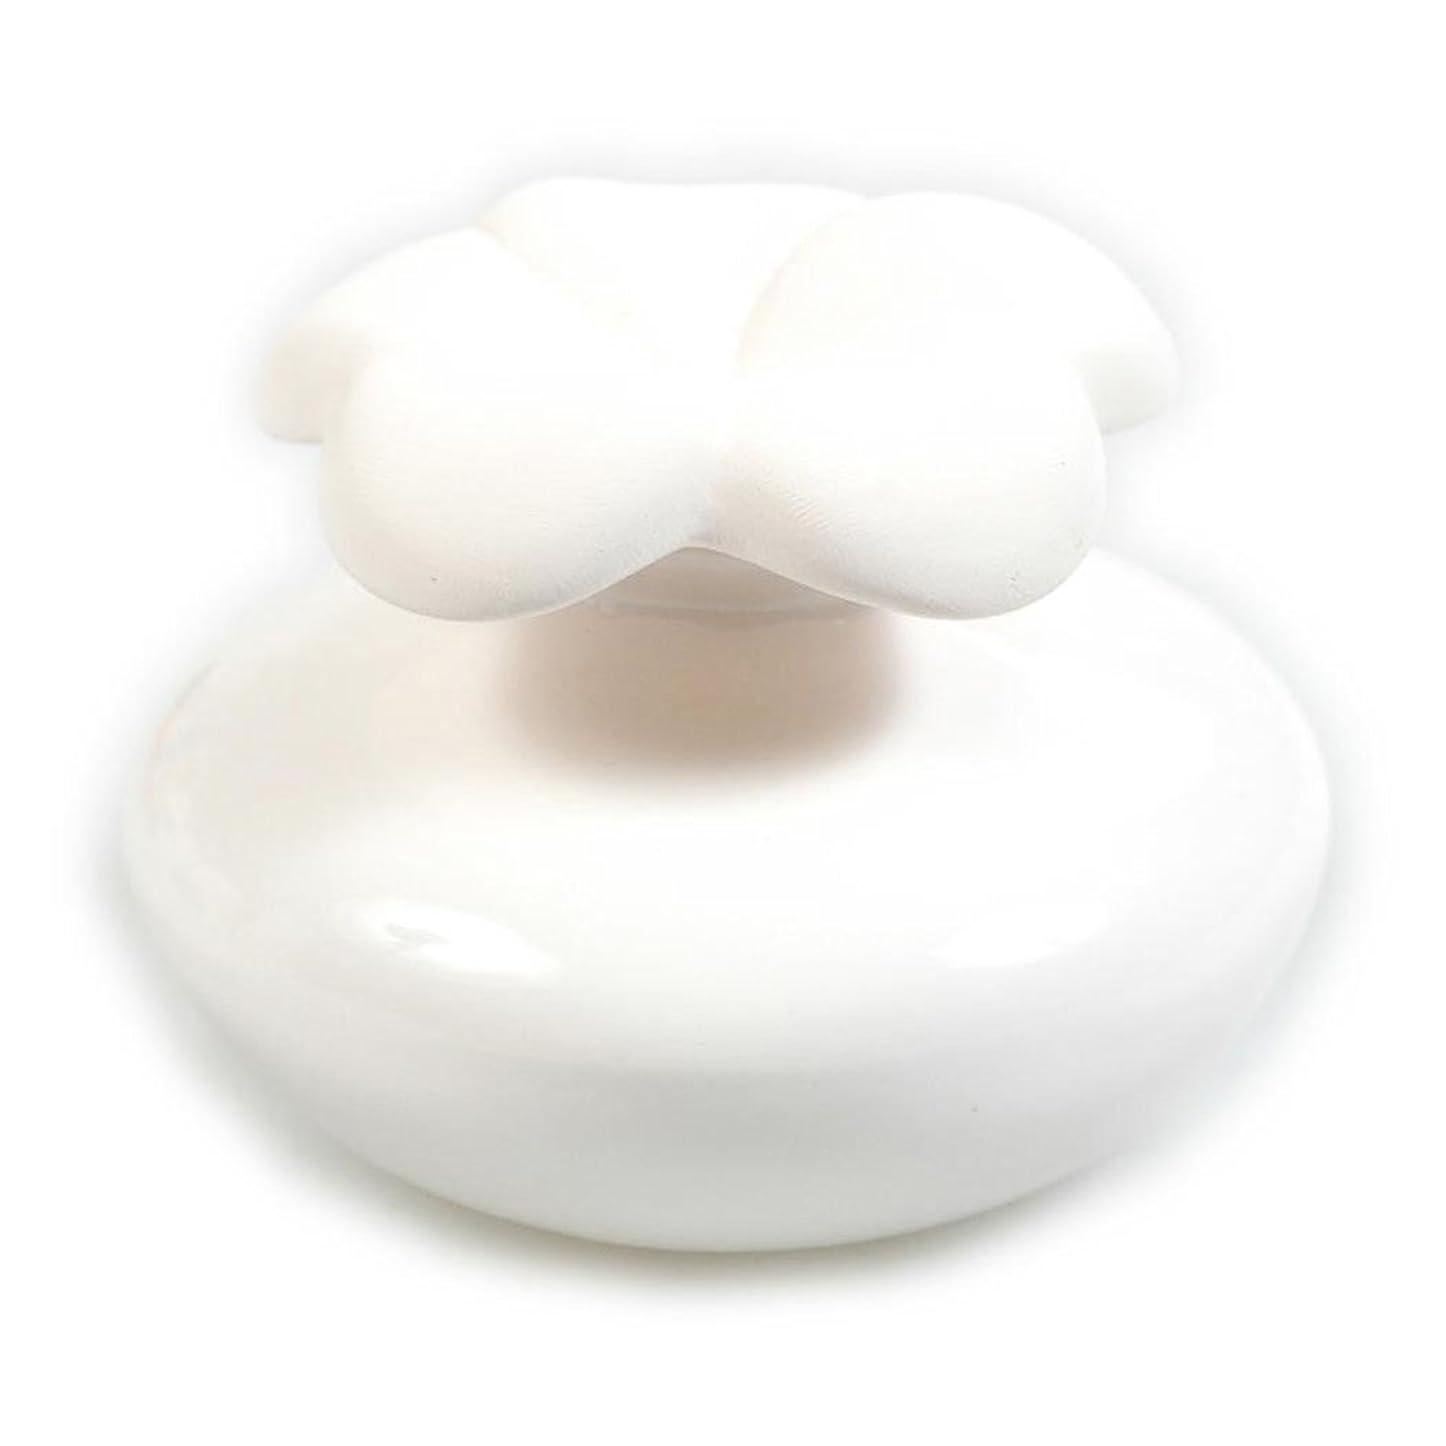 感染する本当のことを言うと監督するMillefiori FIORE ルームフレグランス用 花の形のセラミックディフューザー Sサイズ ホワイト LDIF-FS-001